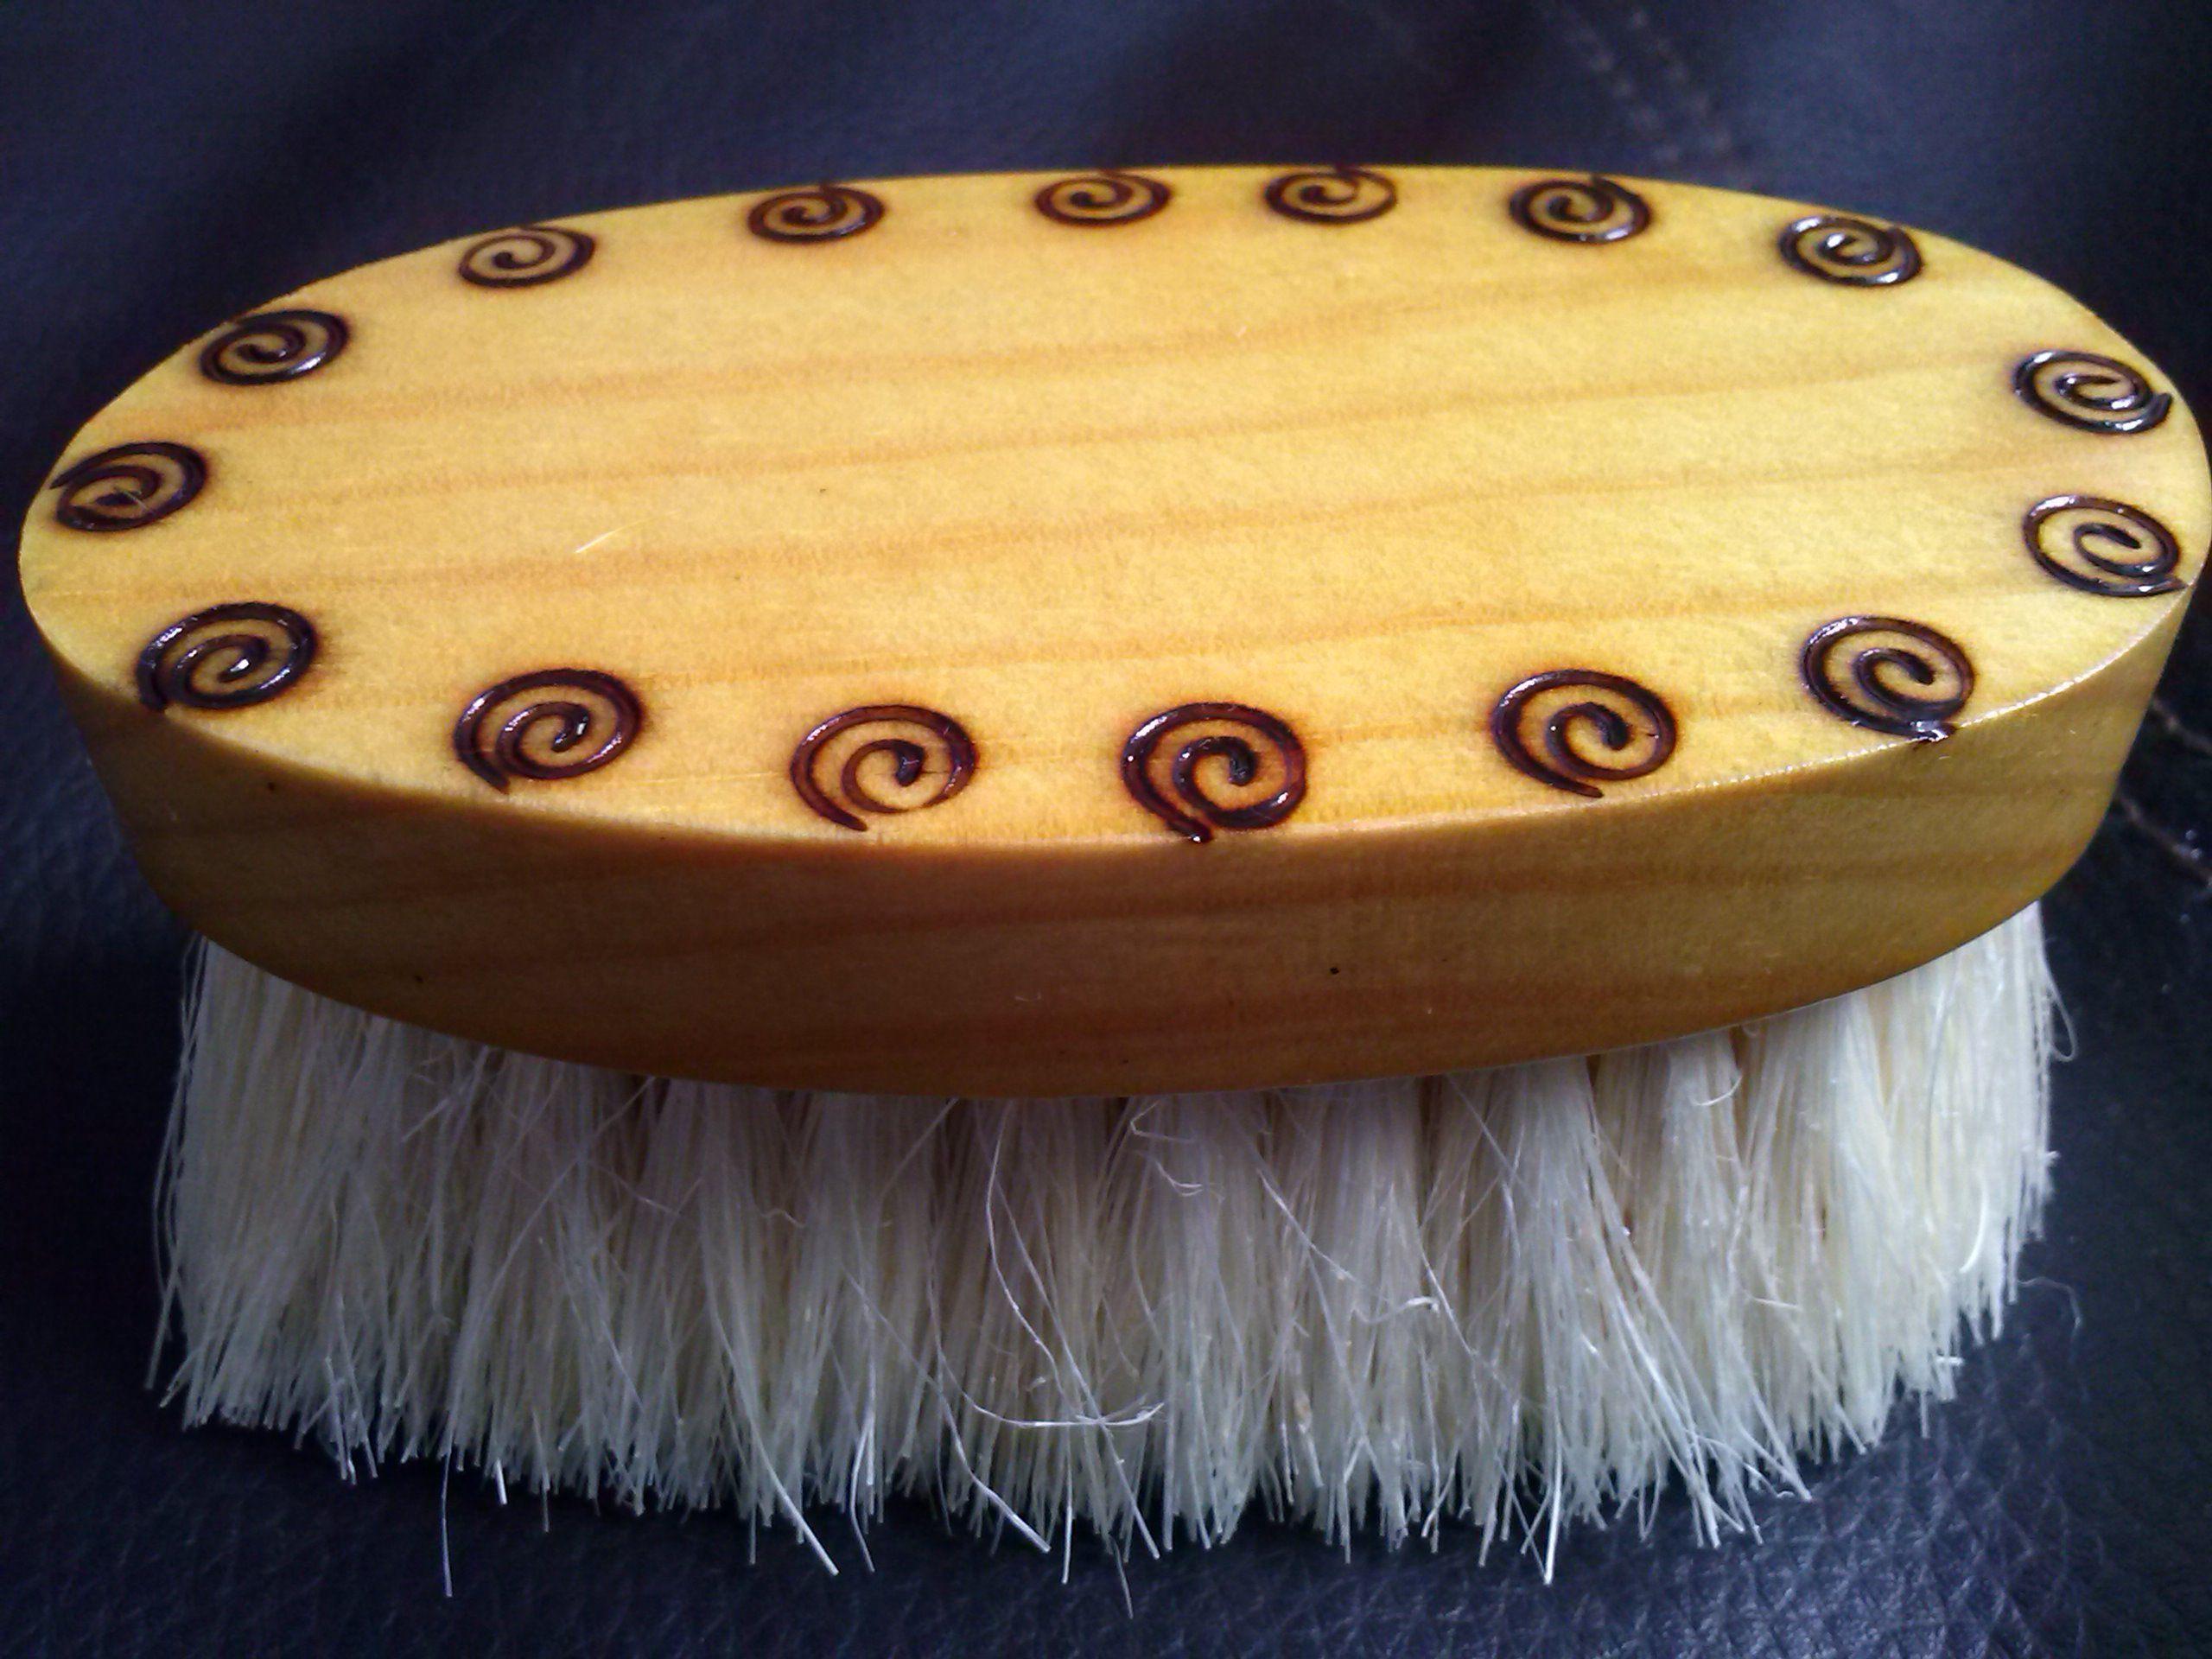 Cepillo de madera con cerdas de henequén, hecho y pintado a mano, suave al contacto, perfecto para aquellos barbones que están iniciando, activa la circulación e induce el vello a crecer en la dirección indicada,